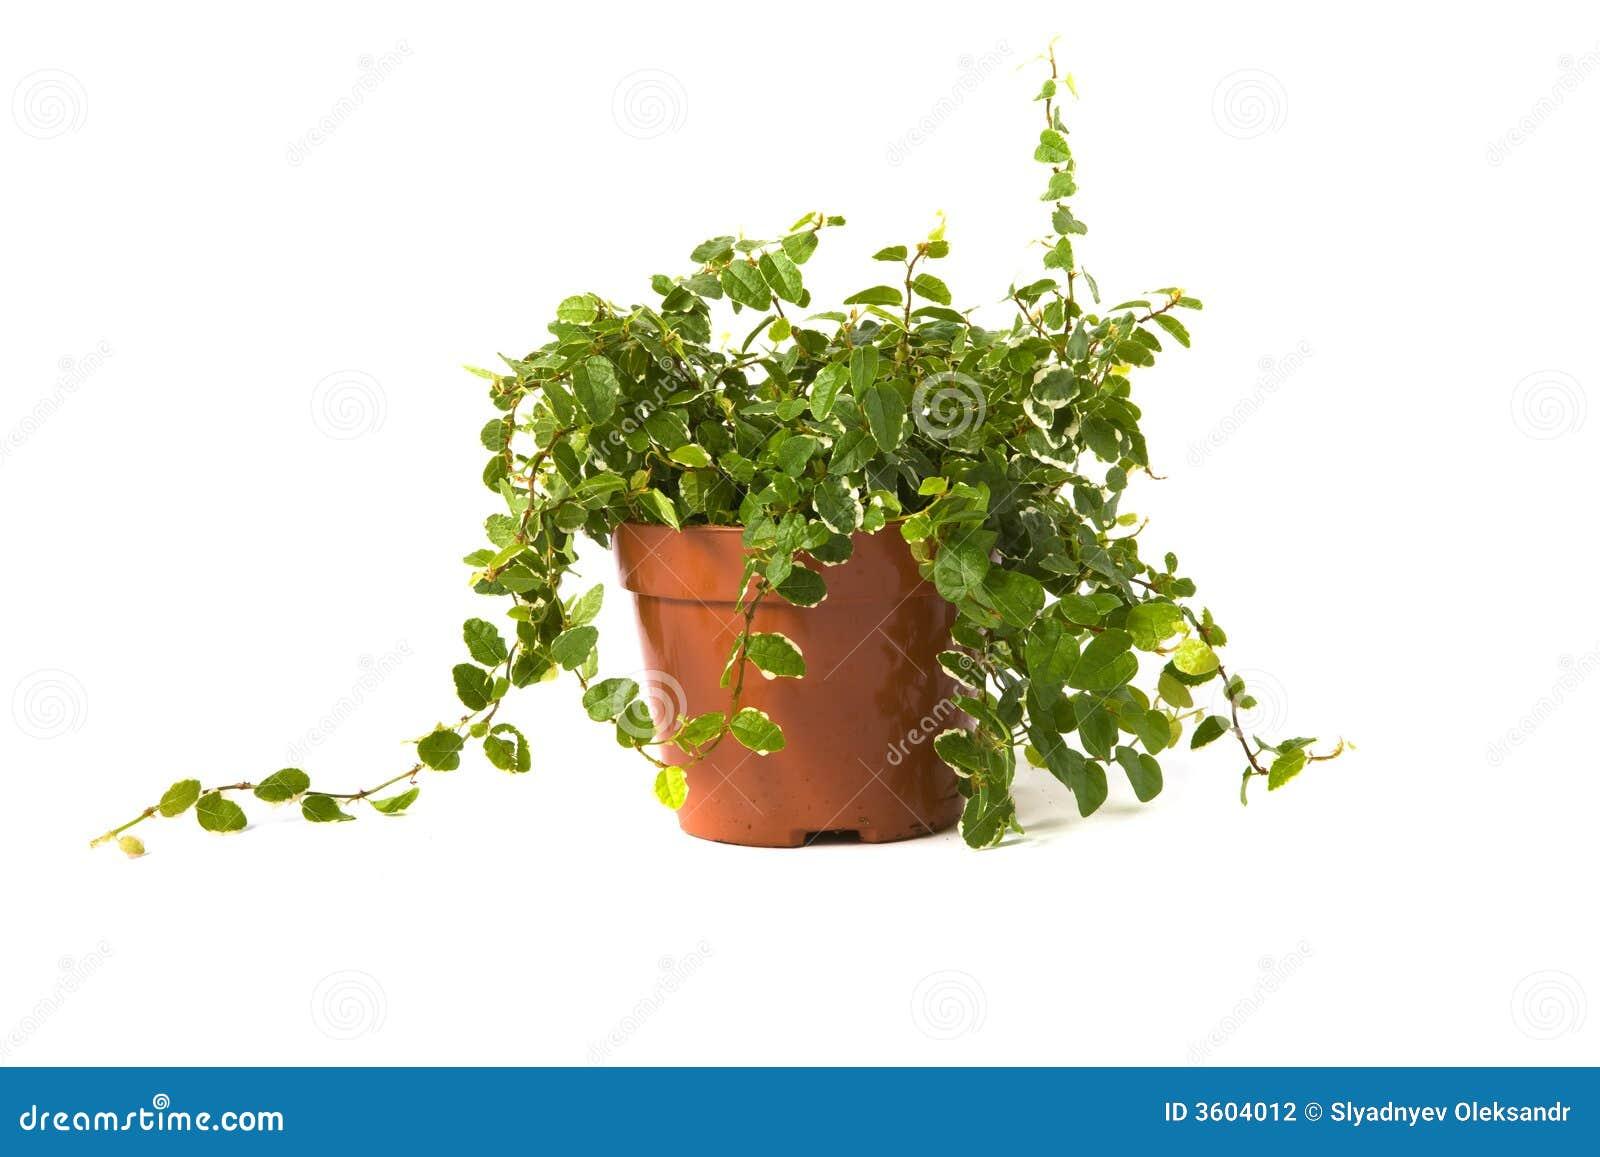 Ficus Pumila Sonnig Stockfotografie Bild 3604012